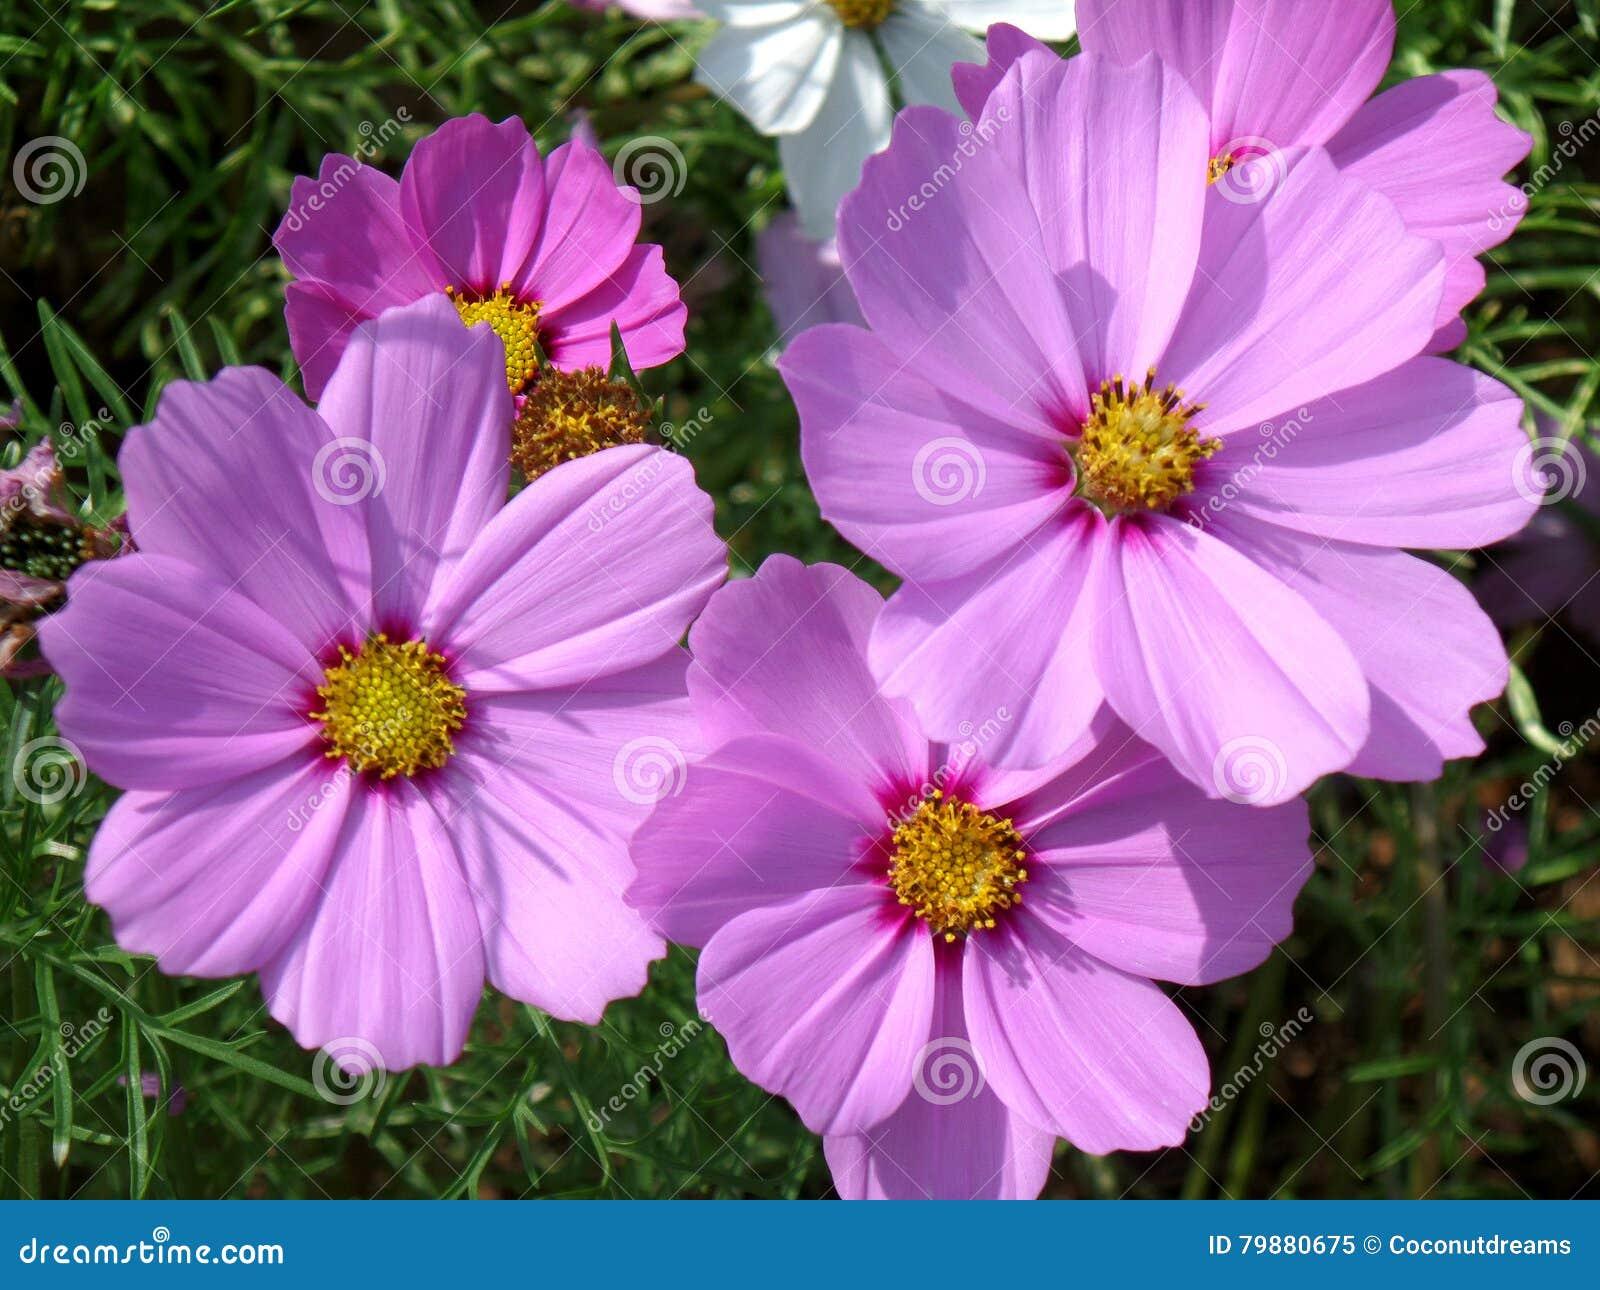 Πολυάριθμα ανθίζοντας φωτεινά λουλούδια αστέρων χρώματος ρόδινα μεξικάνικα